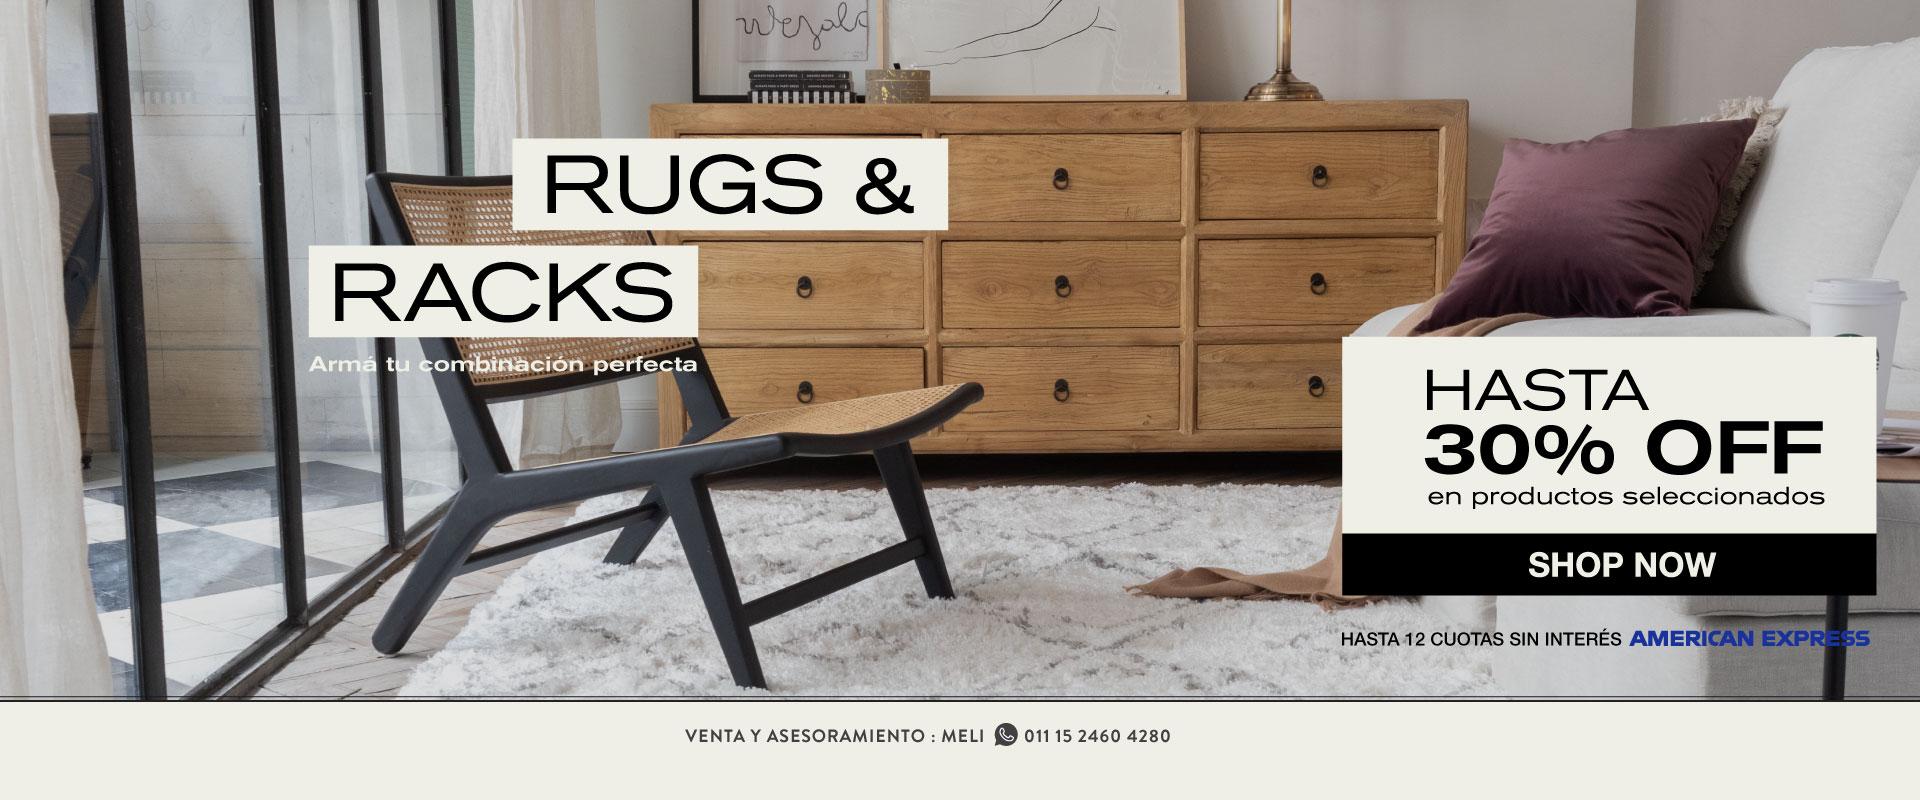 Rugs & Racks